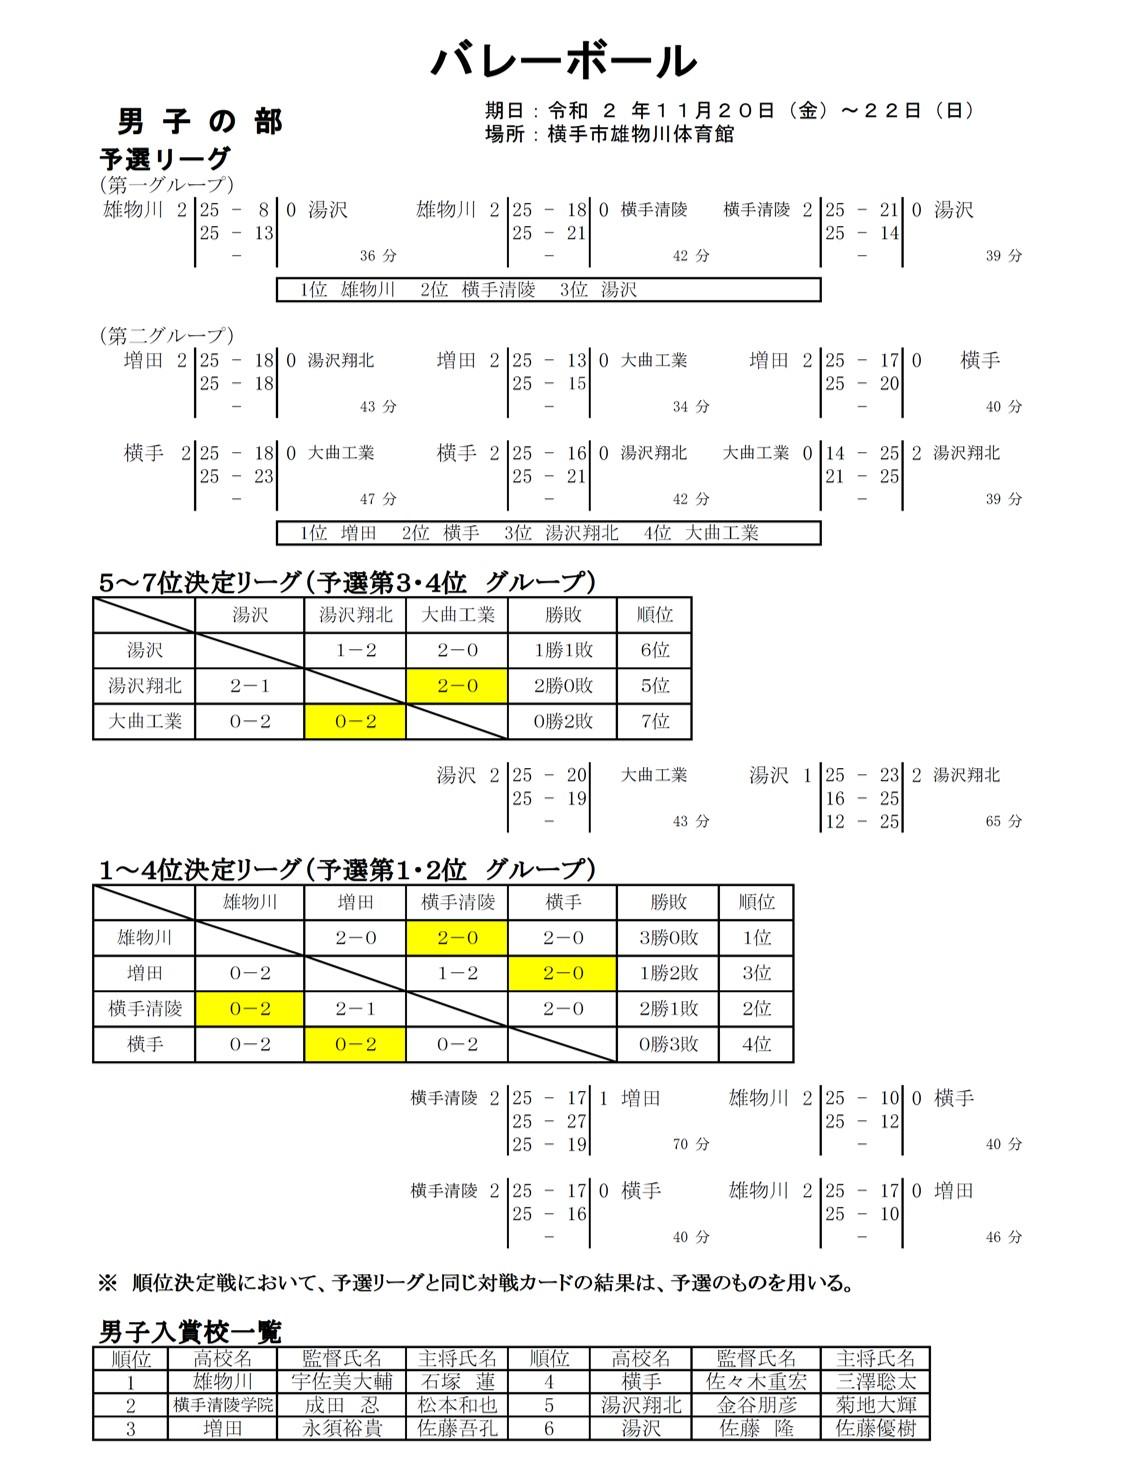 2020年度_高校新人大会_秋田_県南地区_男子_最終結果